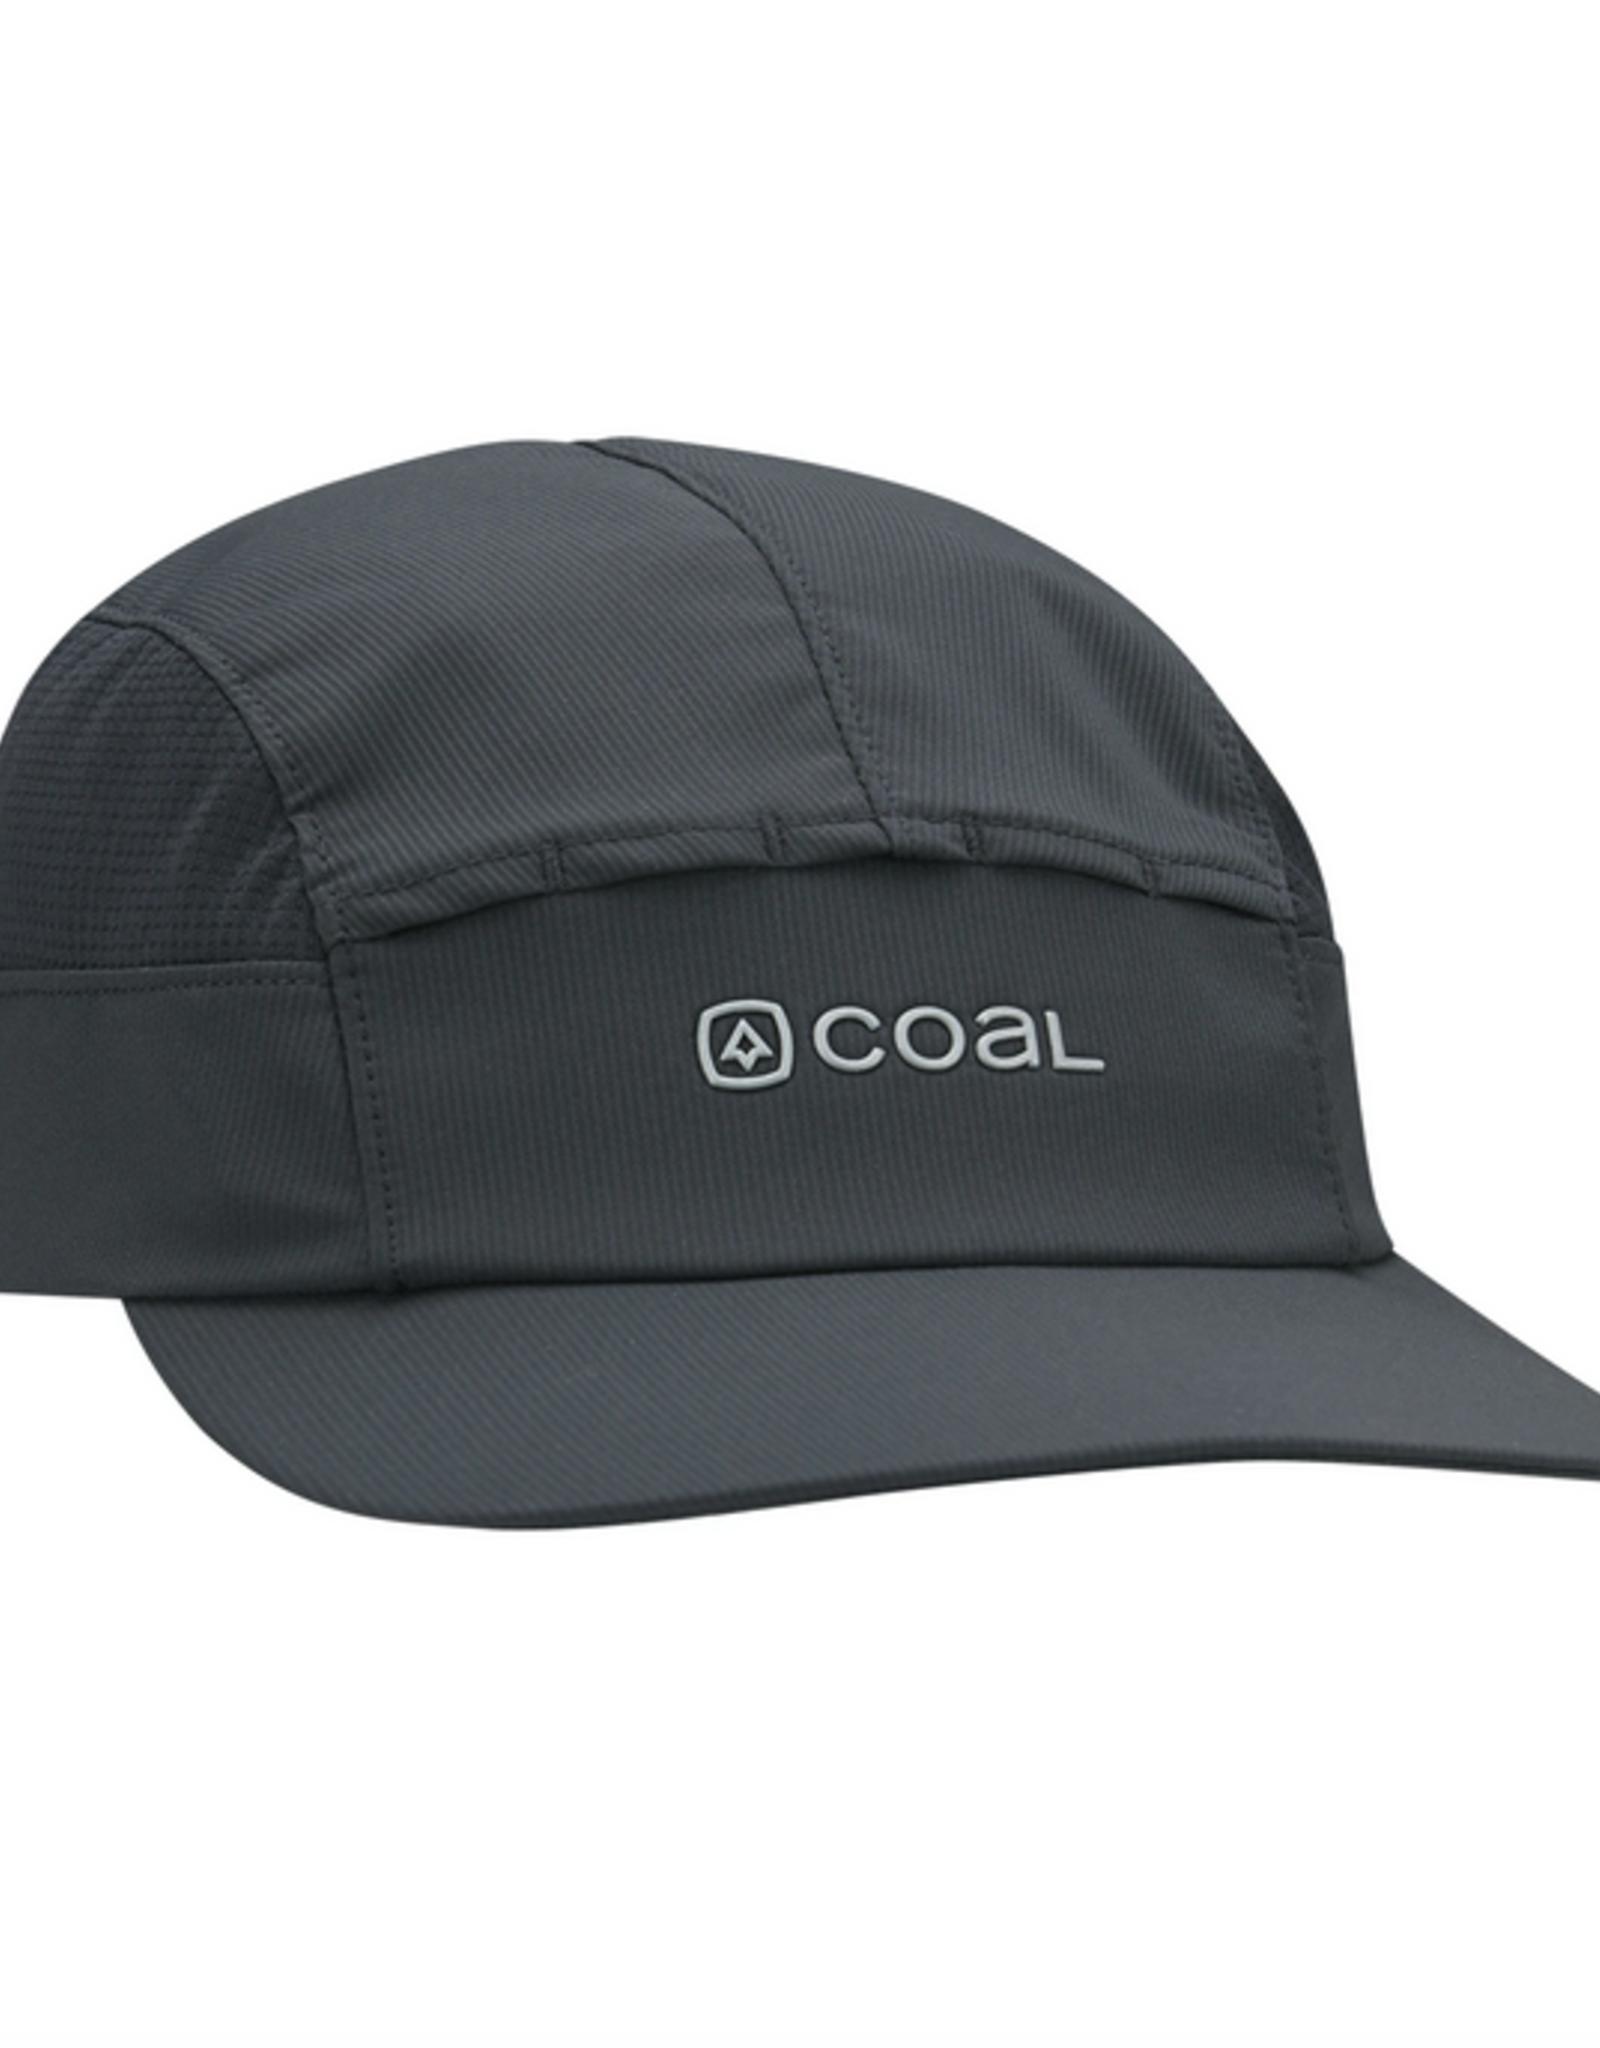 COAL COAL DEEP RIVER CLIPBACK HAT BLACK